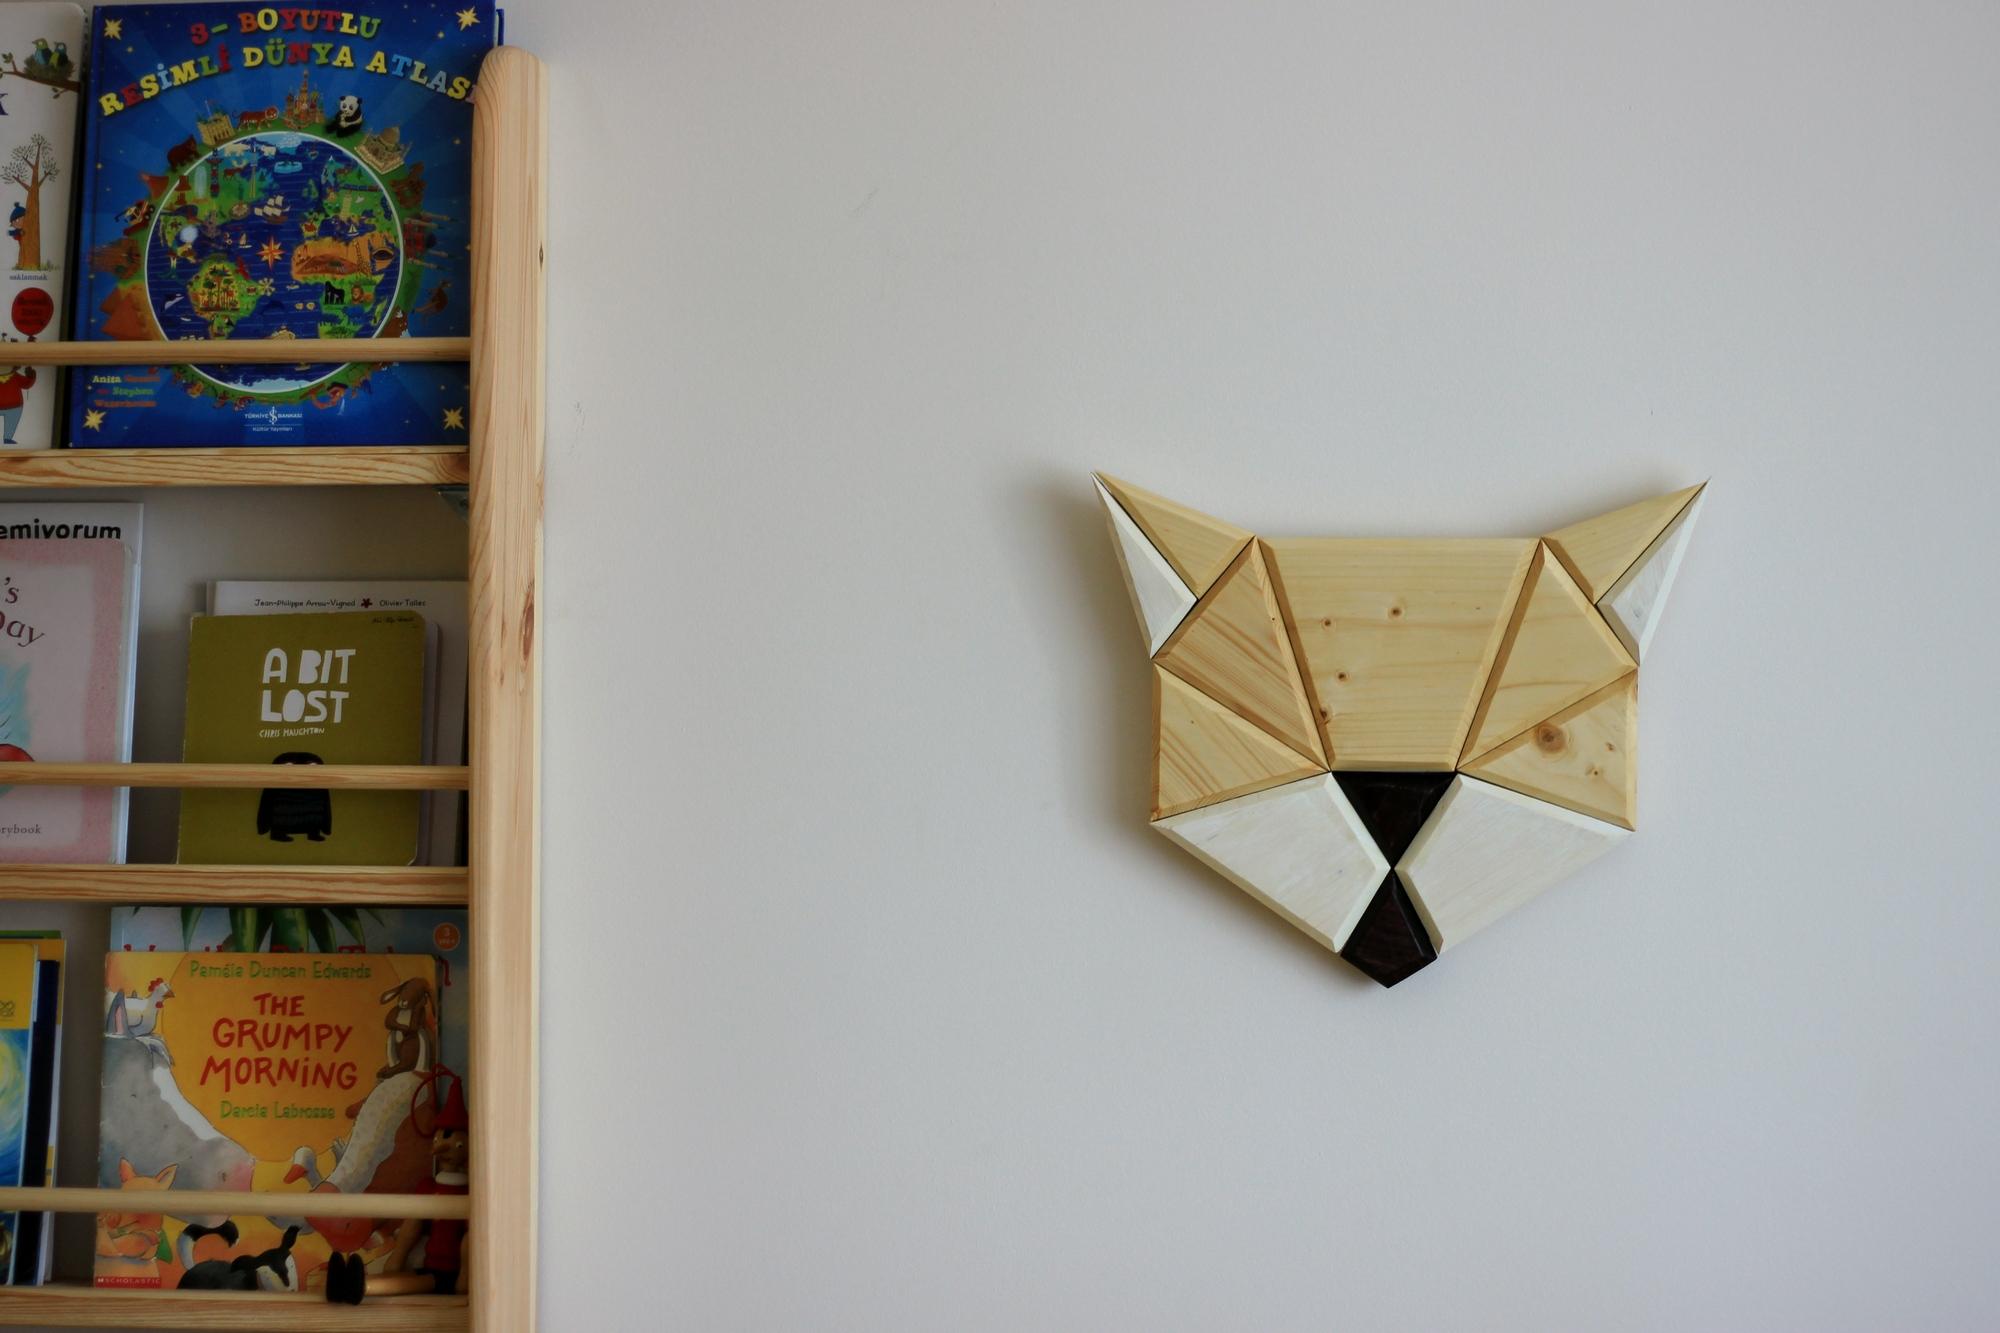 çocuk odası kitaplık tahtamania